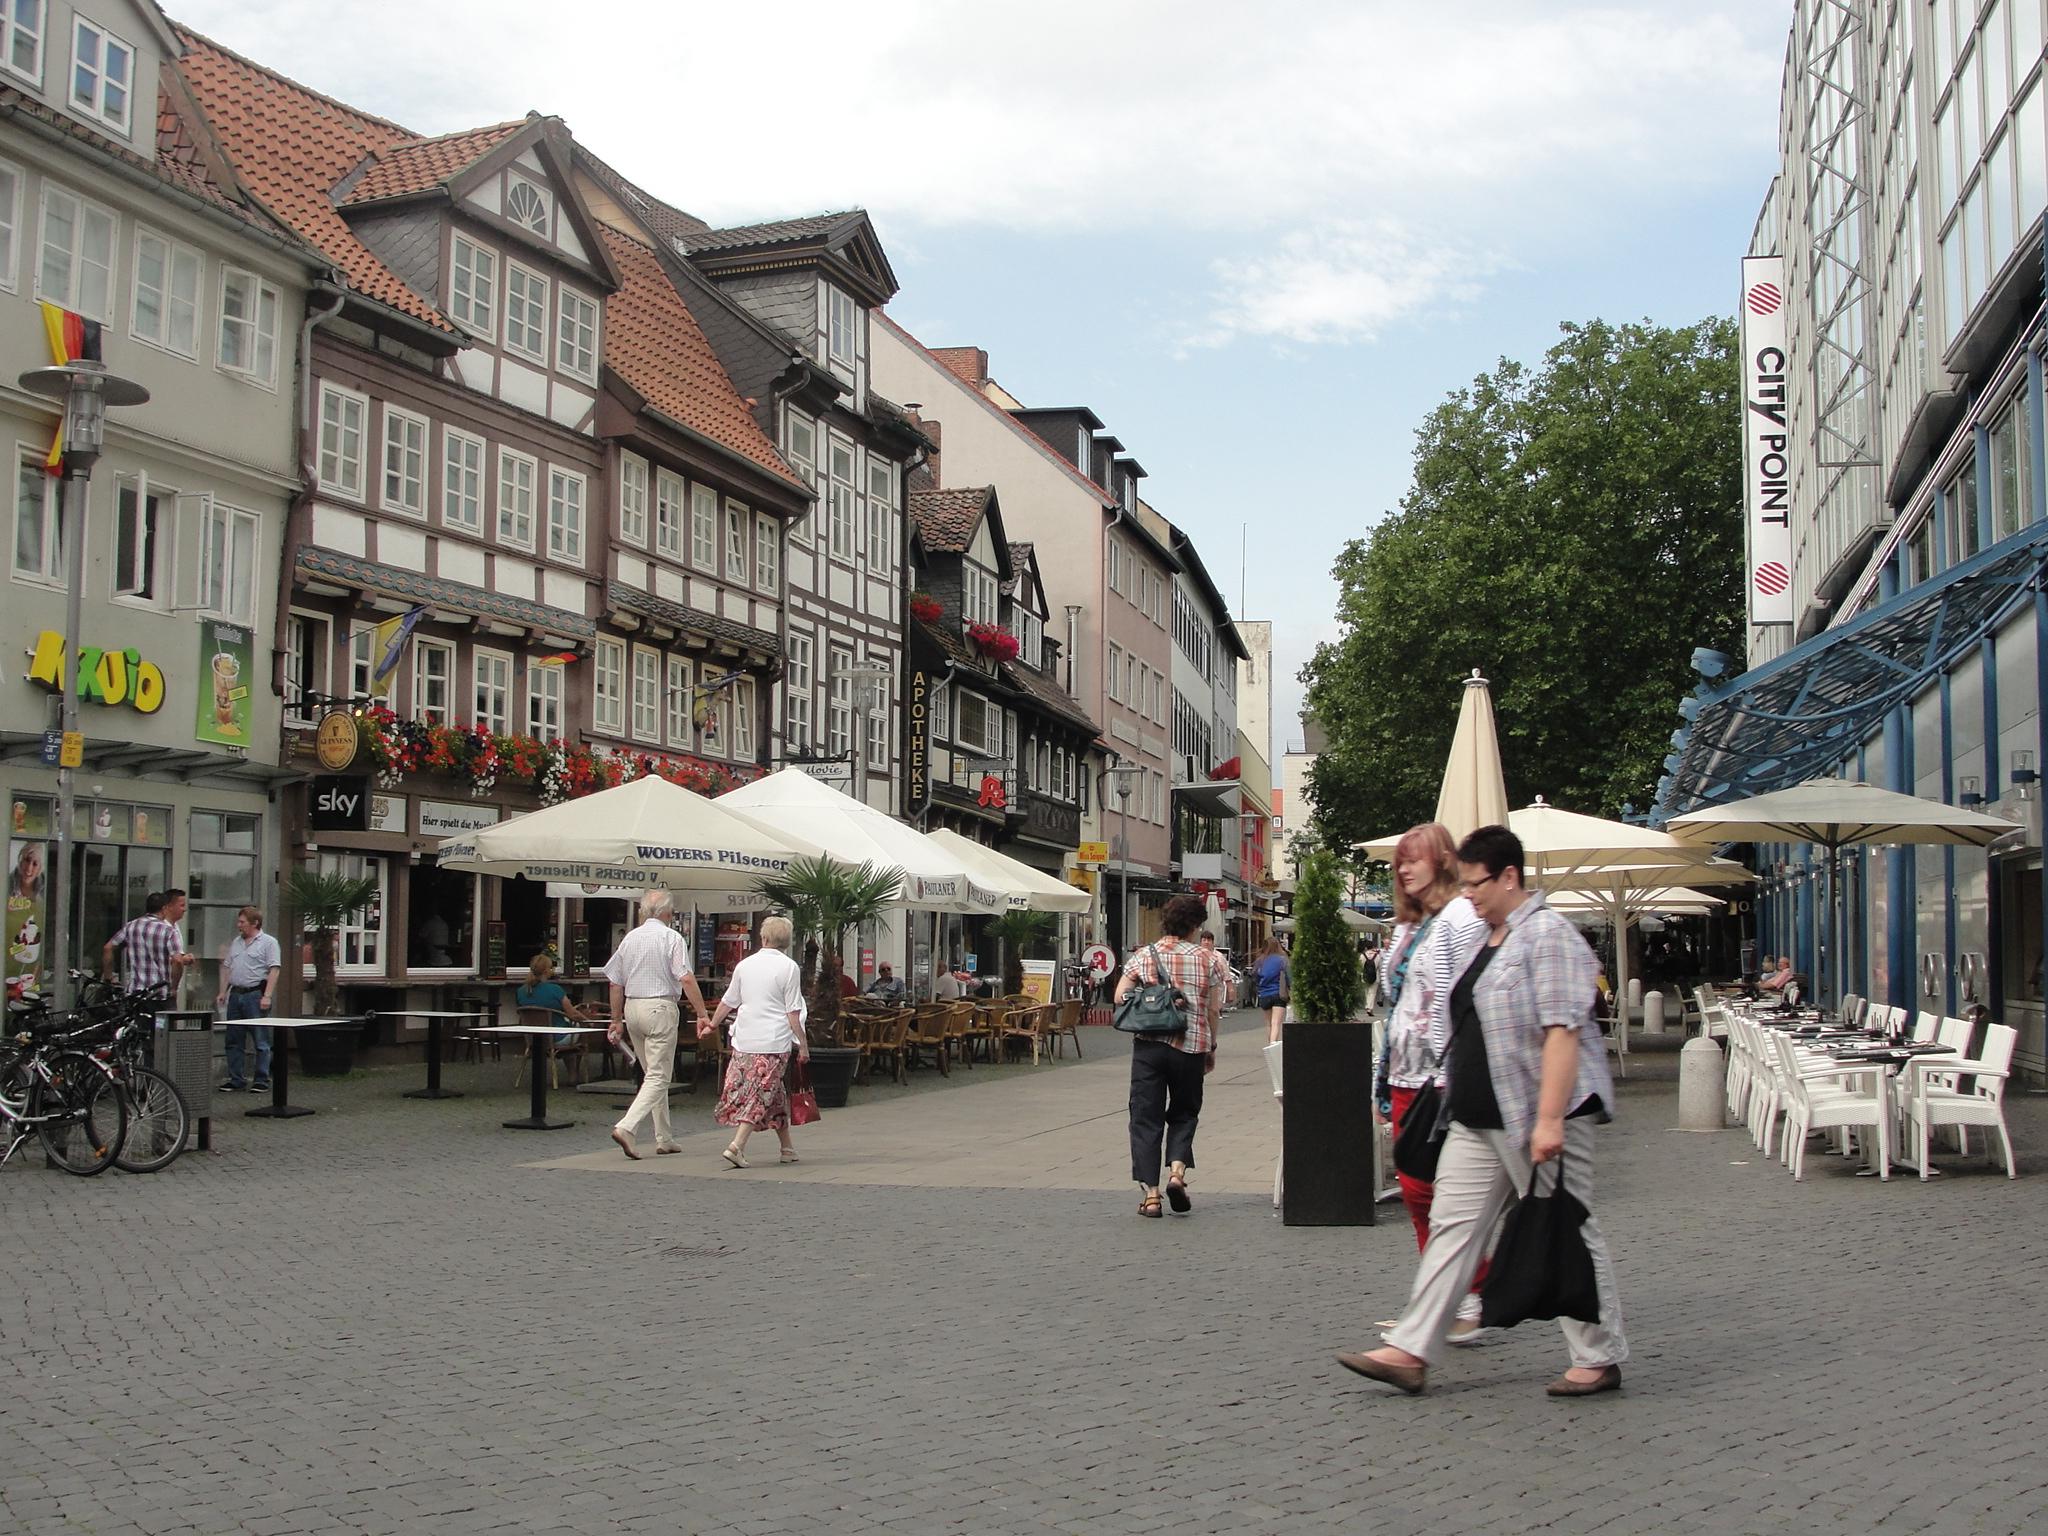 Peine Germany  city photos : Germany Vöhrum, Peine, Braunschweig und Hannover | Eat O Live